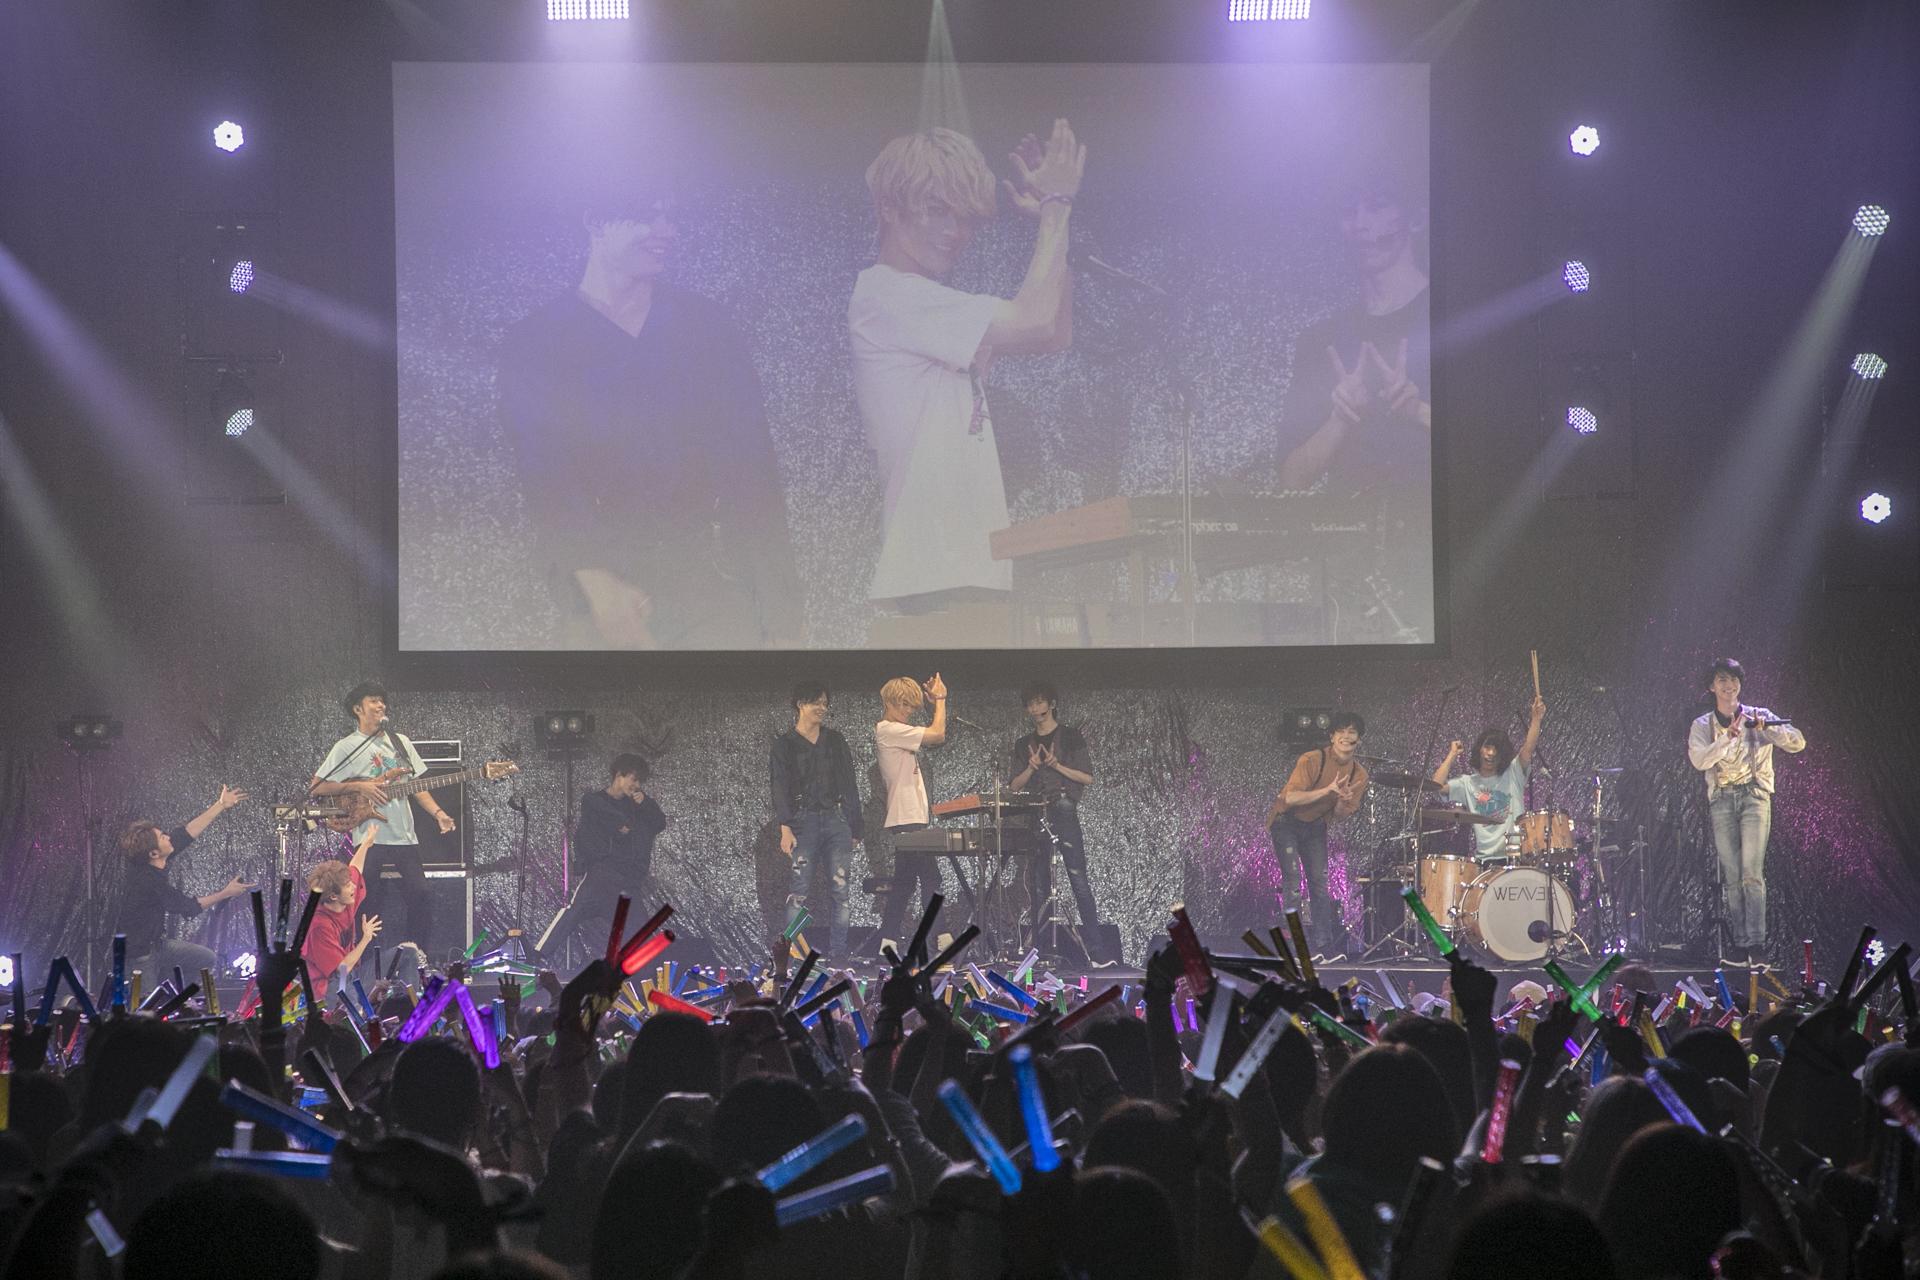 8月28日(月)@「HMV presents BULLET TRAIN 5th Anniversary Special『超フェス』」